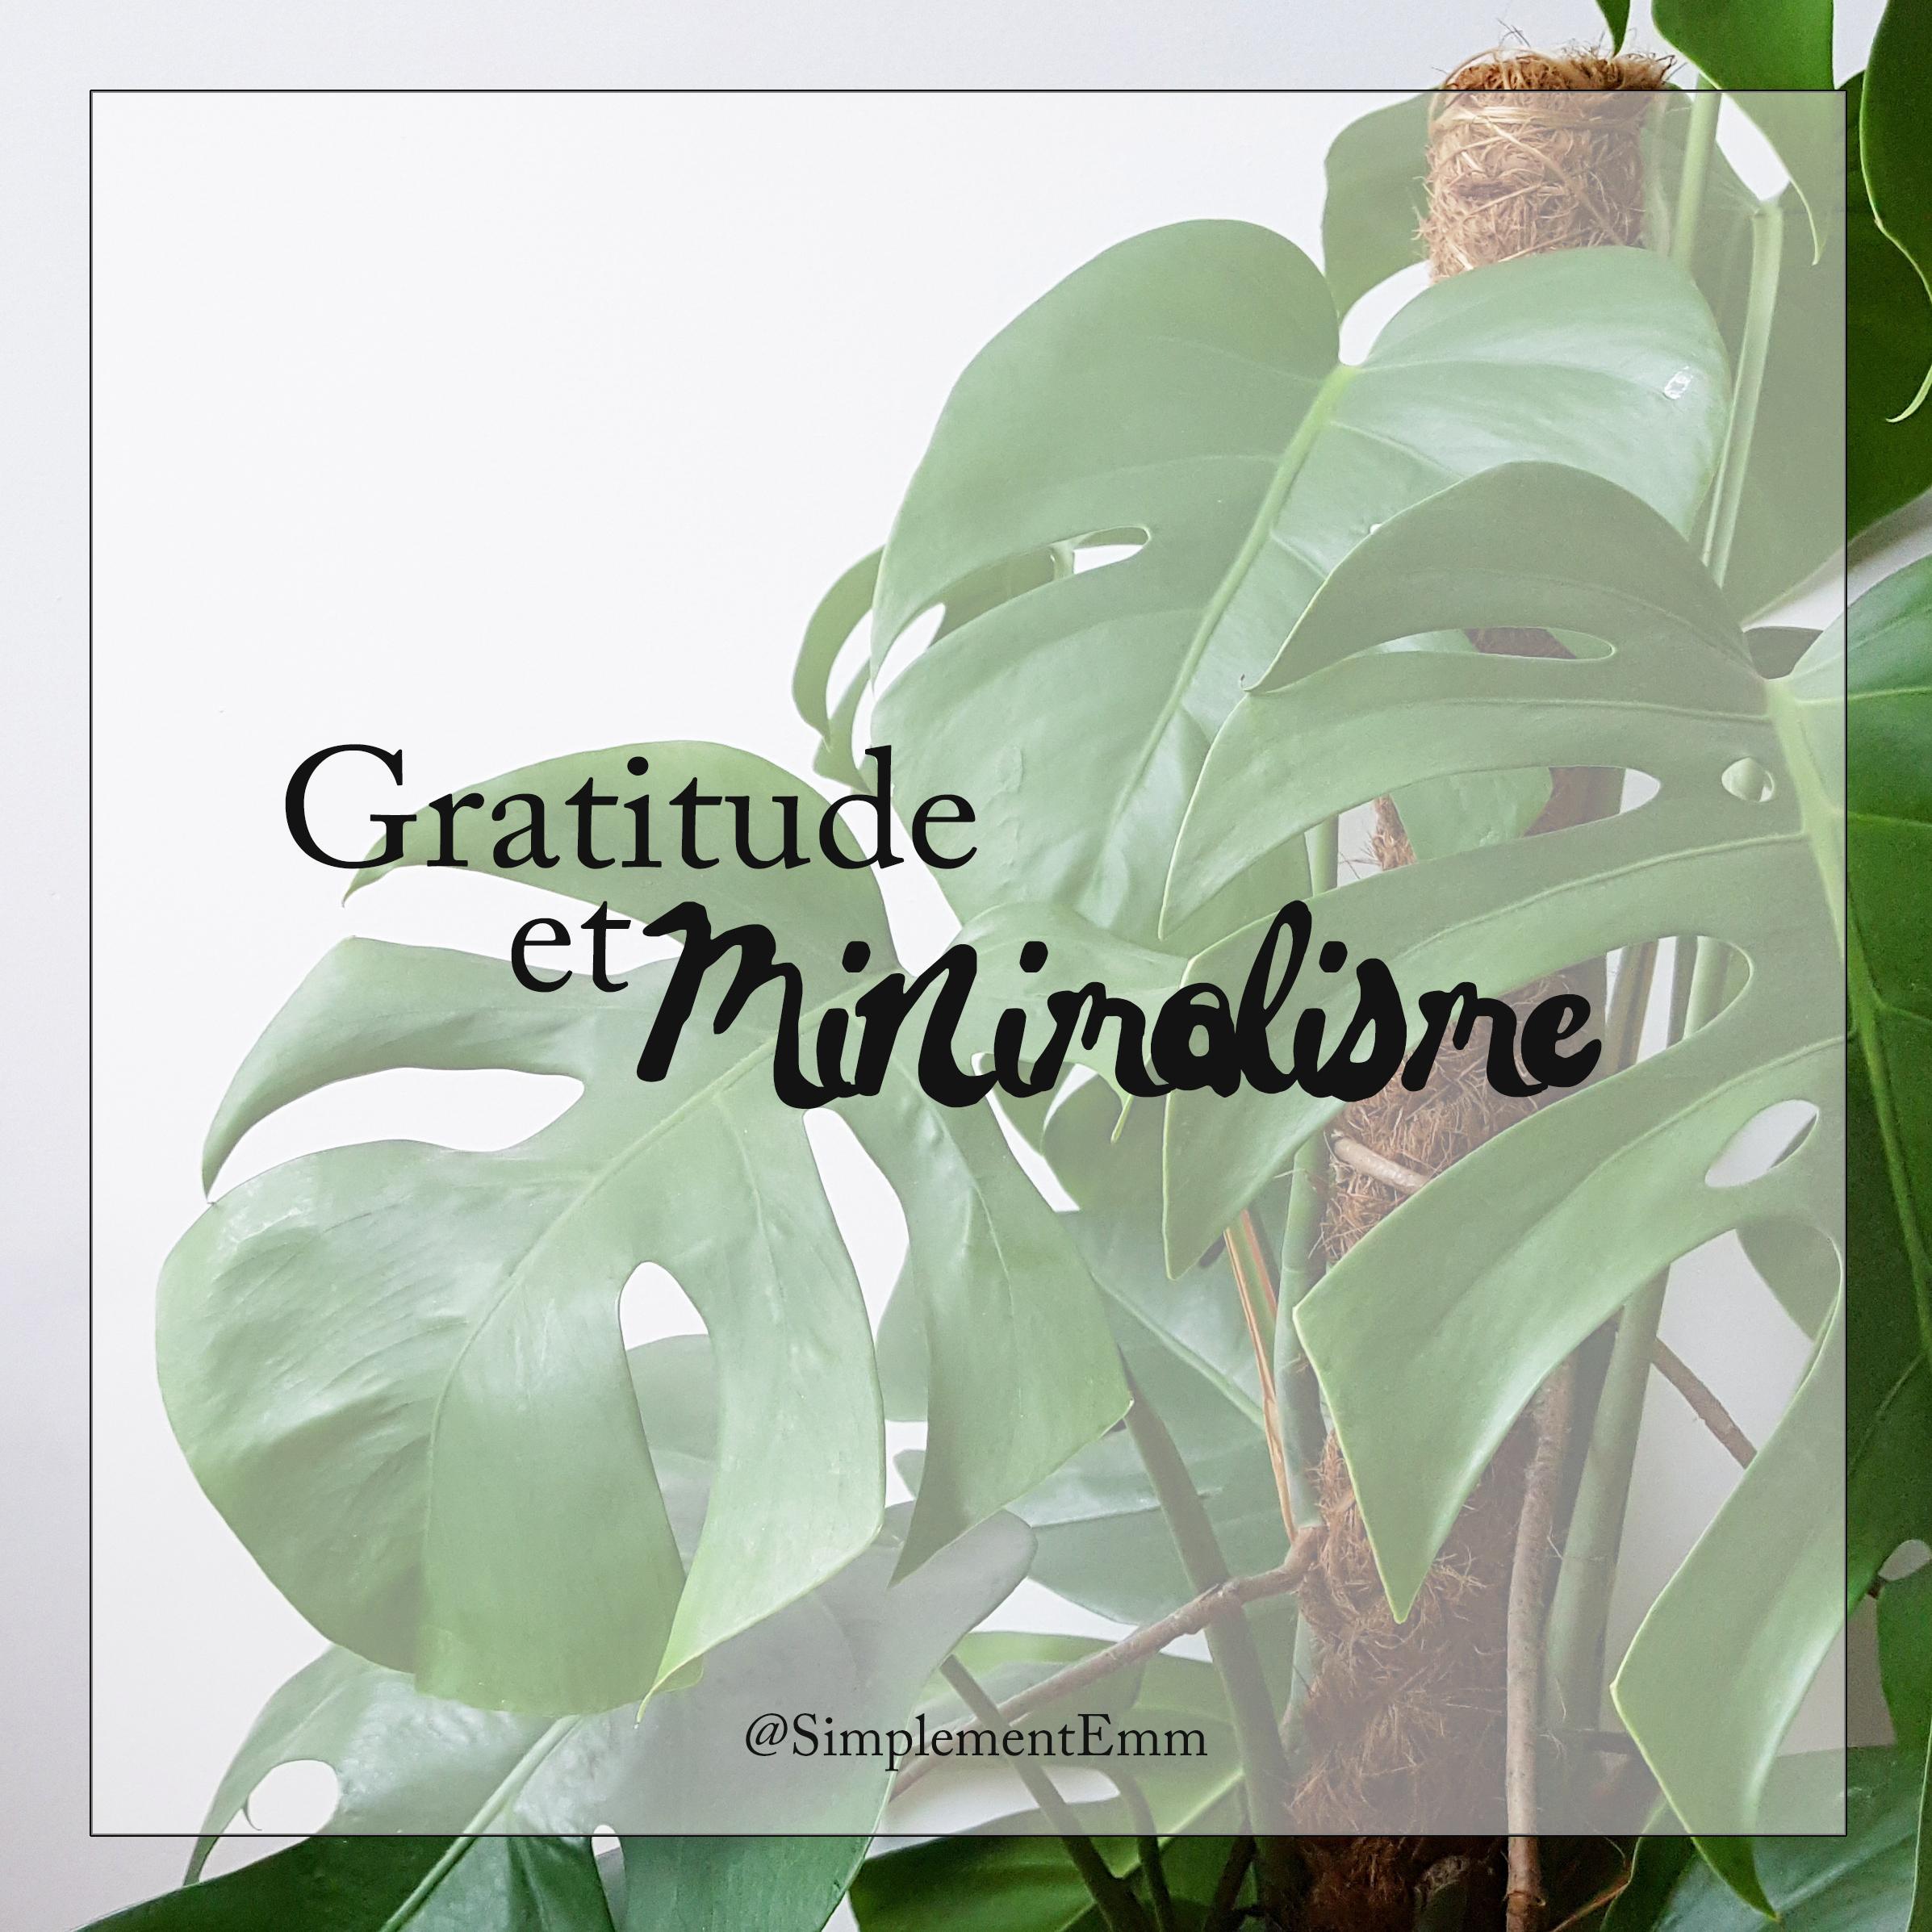 SimplementEmm Minimalisme Gratitude Cadeau Risque